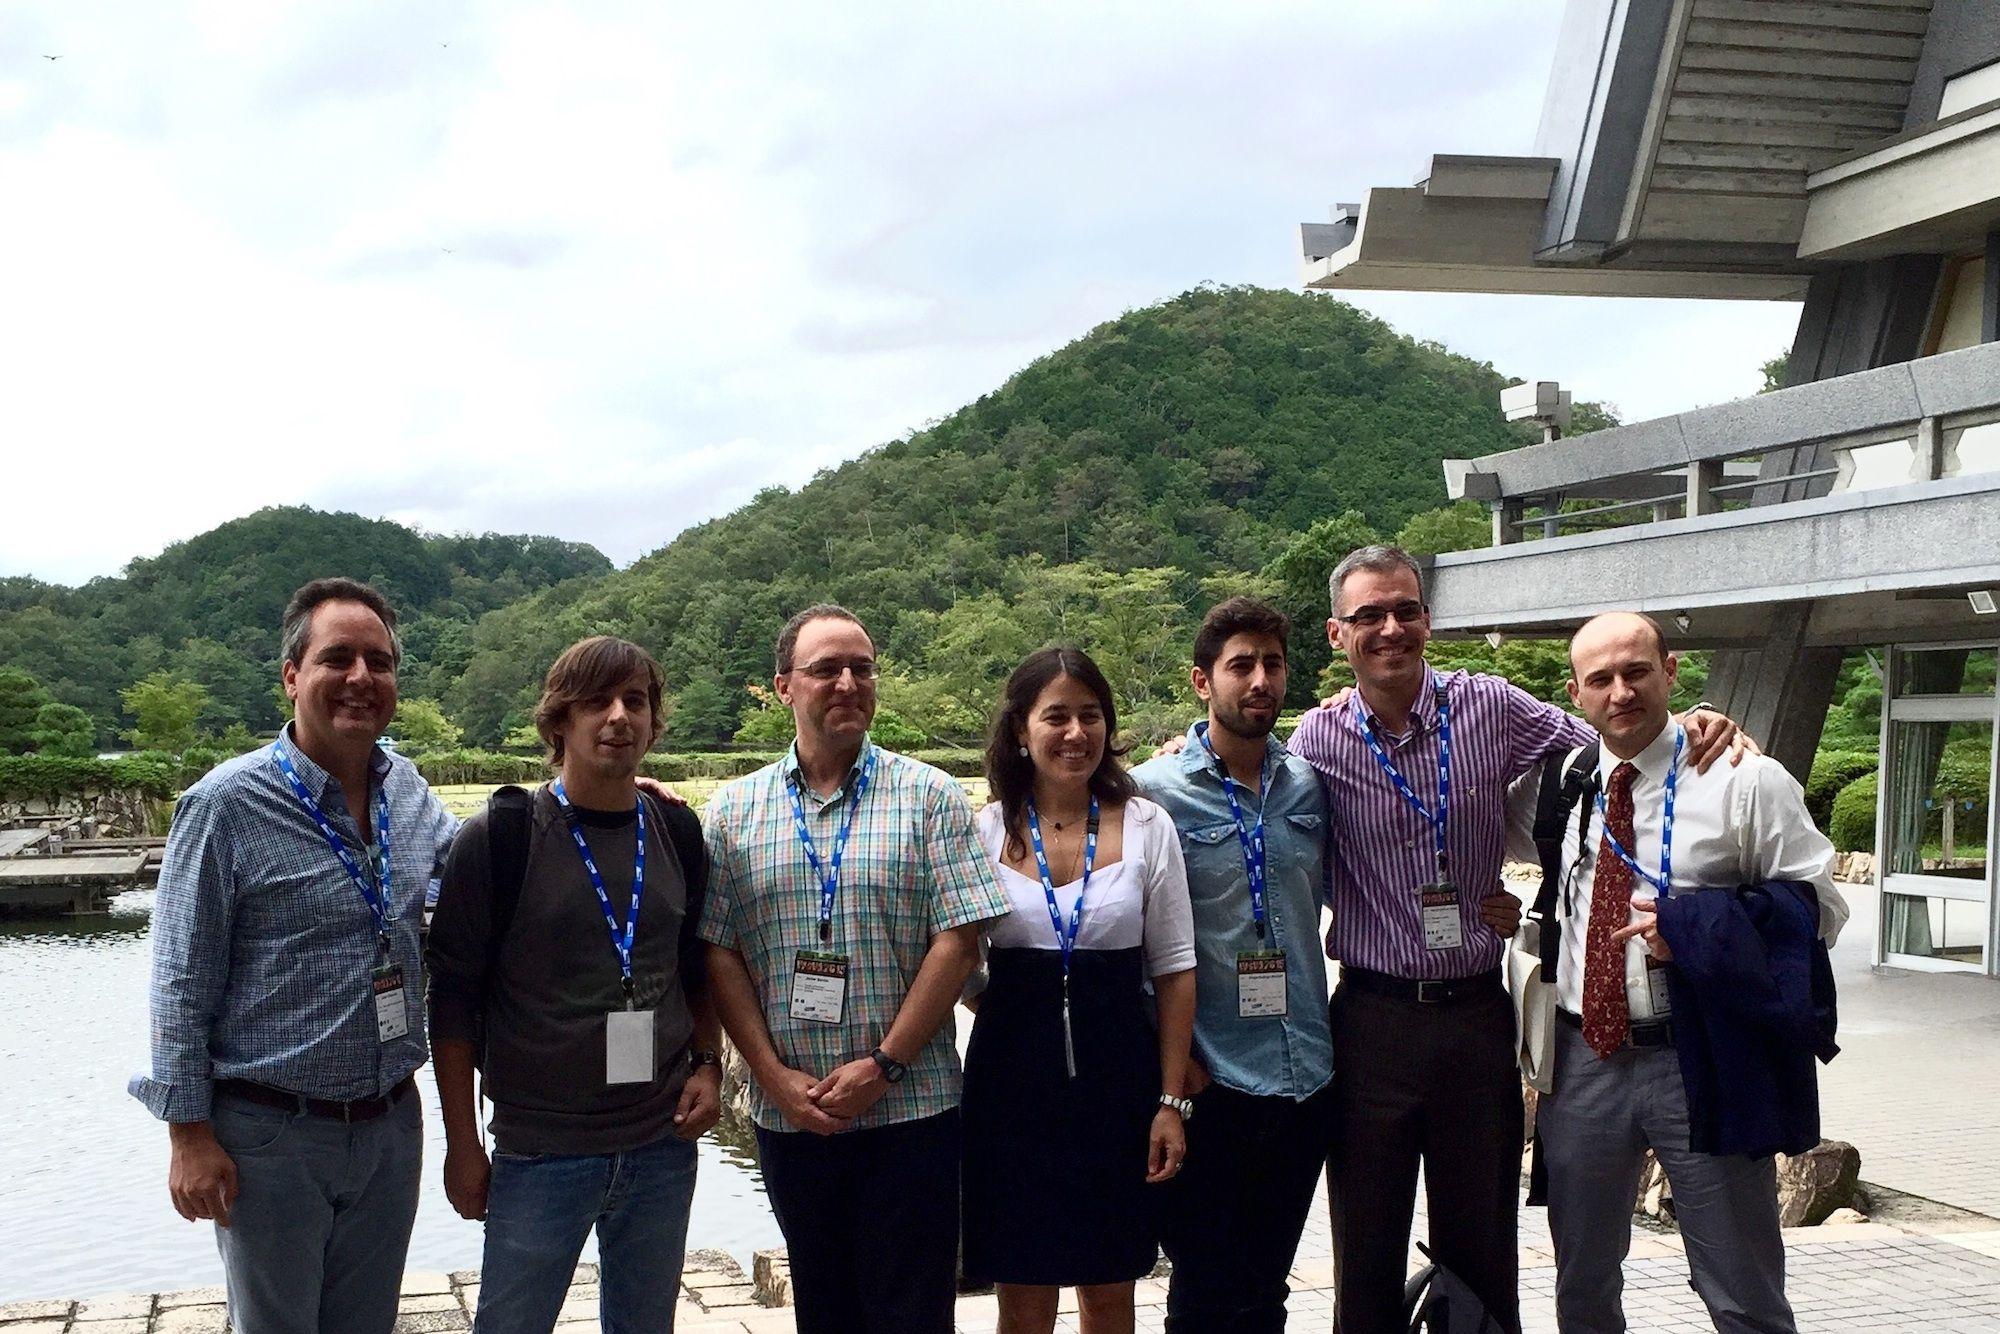 Los profesores Redondo (a la izq.) y Martínez Taboada (segundo por la dcha.), junto a varios congresistas en el 12th World Congress of Veterinary Anaesthesiology, en Kioto.